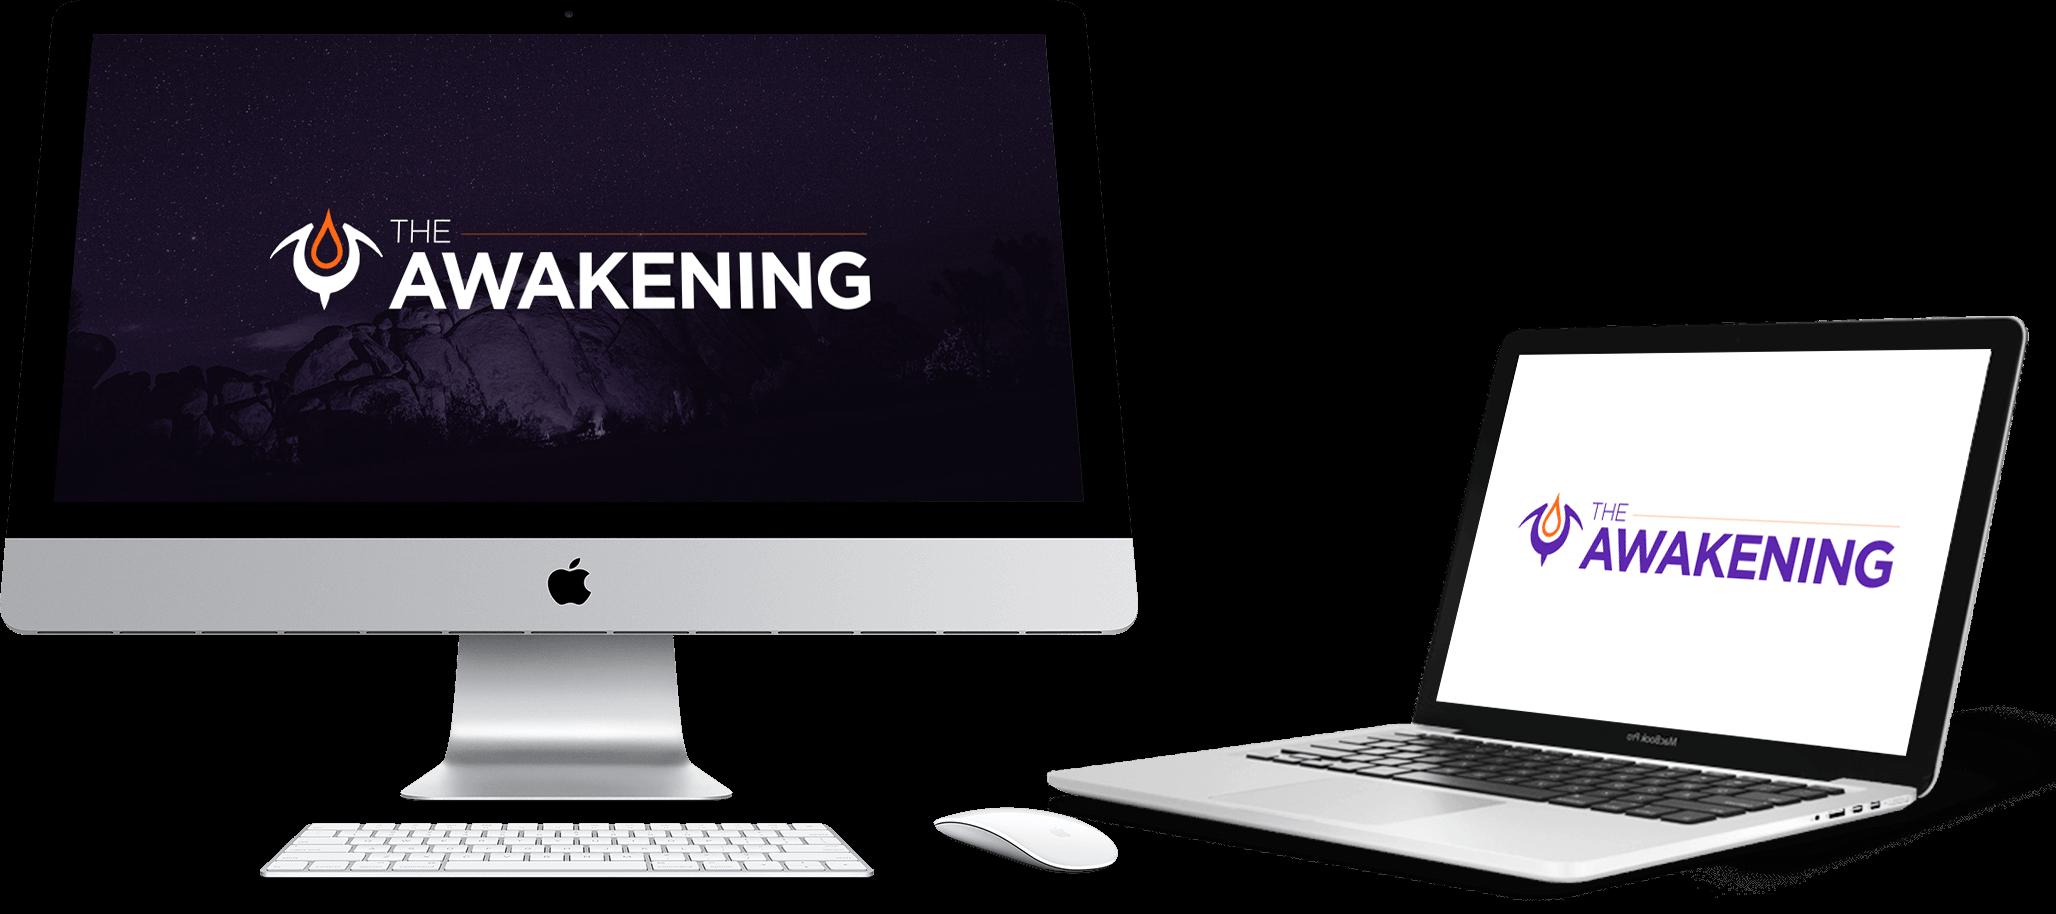 The Awakening Download